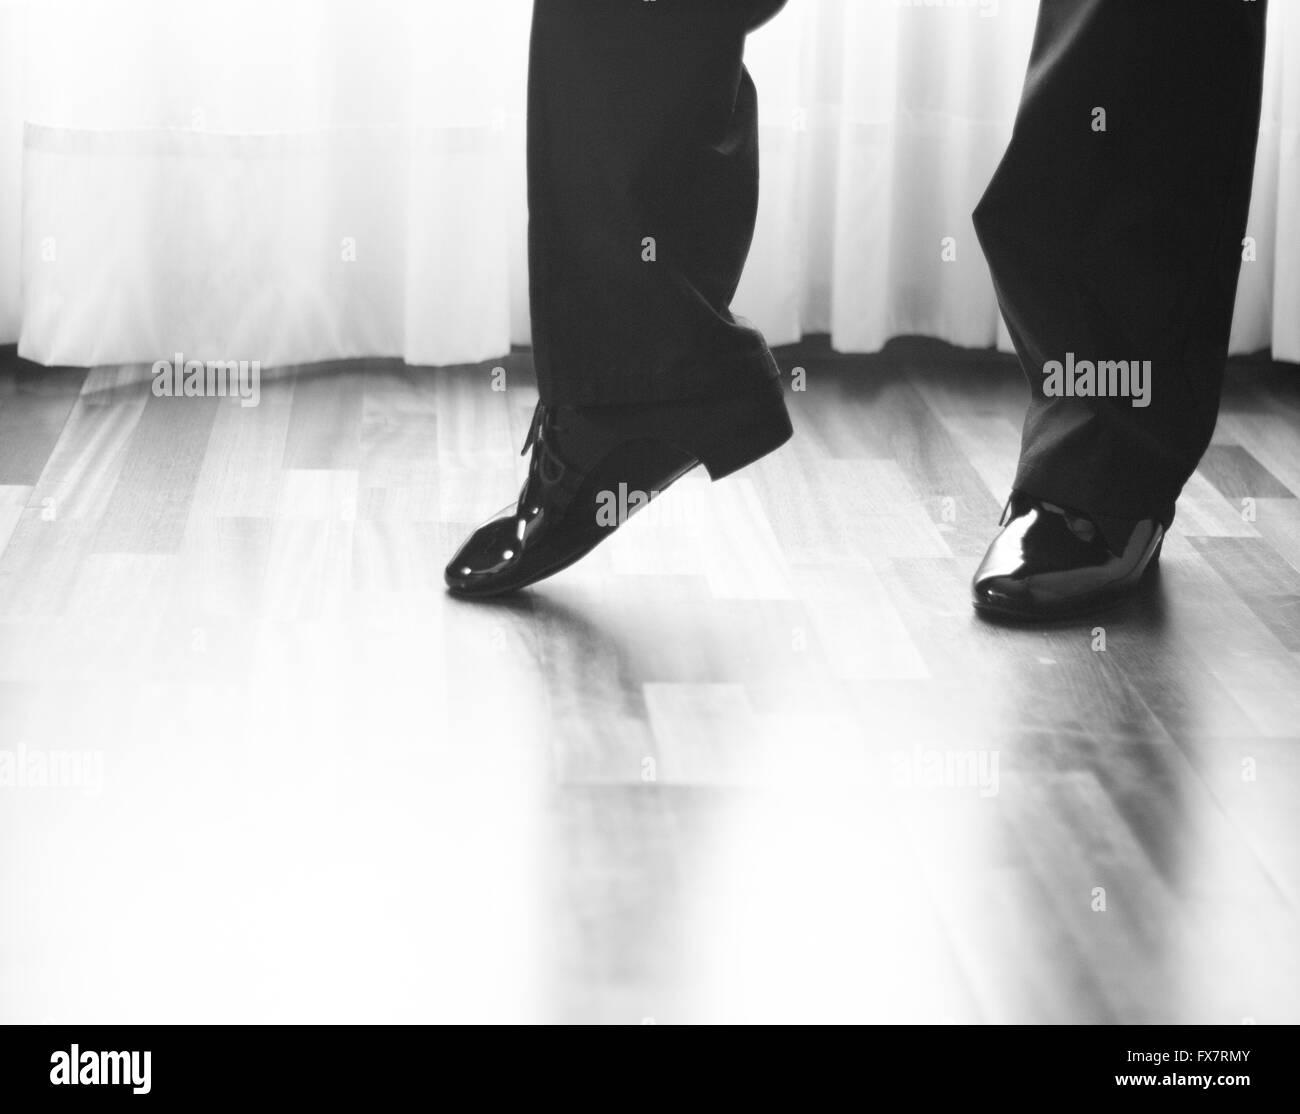 Y De Baile Pies Los Salón MasculinoEstándarDeporteLatino qAR34jLc5